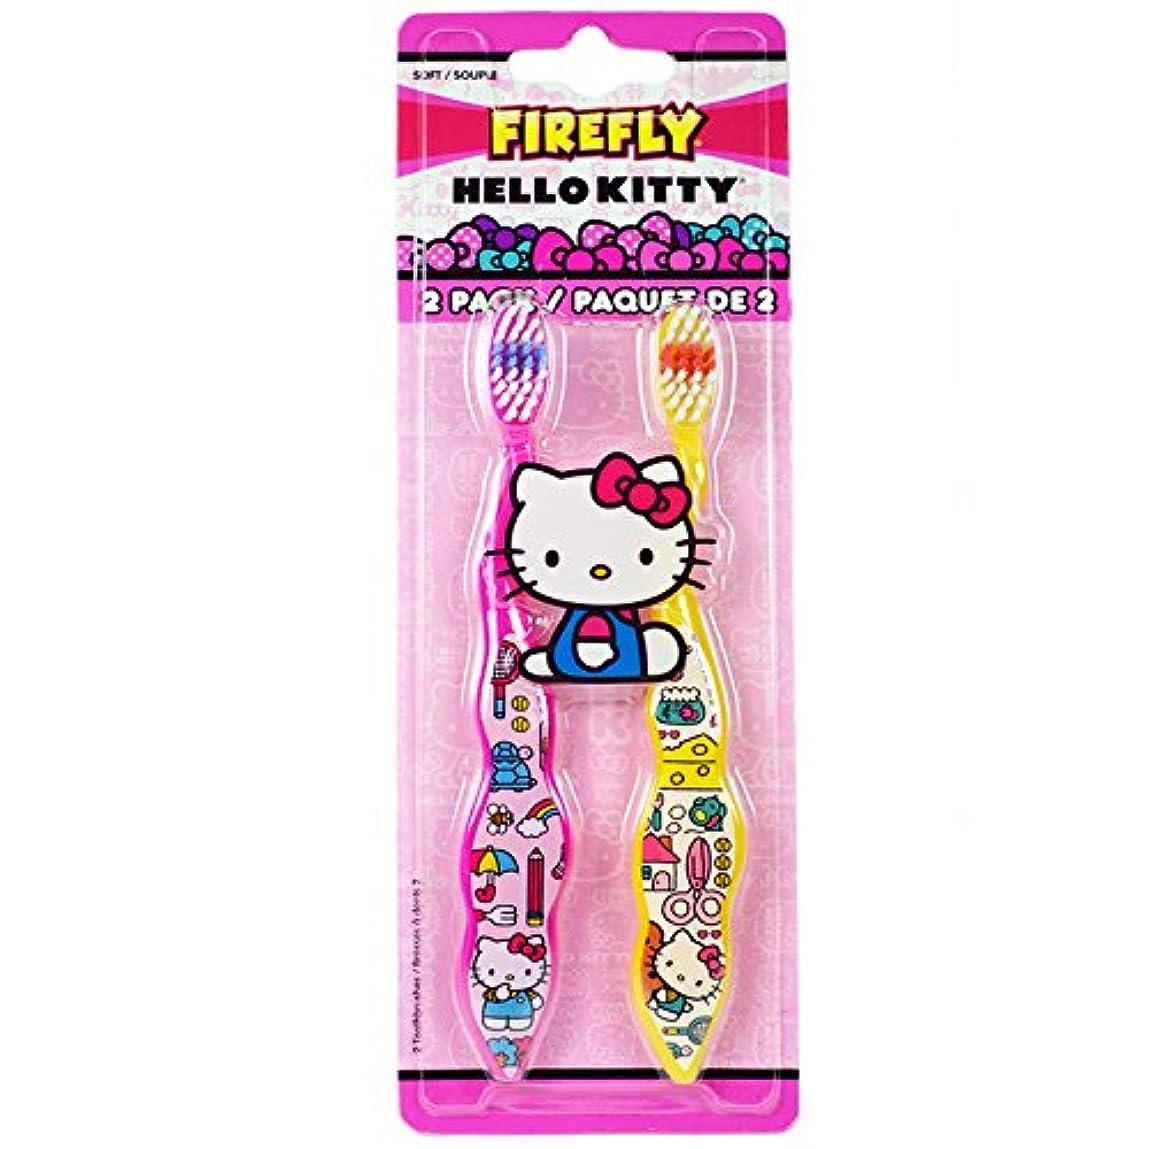 平凡直面する引数Dr. Fresh Firefly Hello Kitty Toothbrush, Soft by Firefly